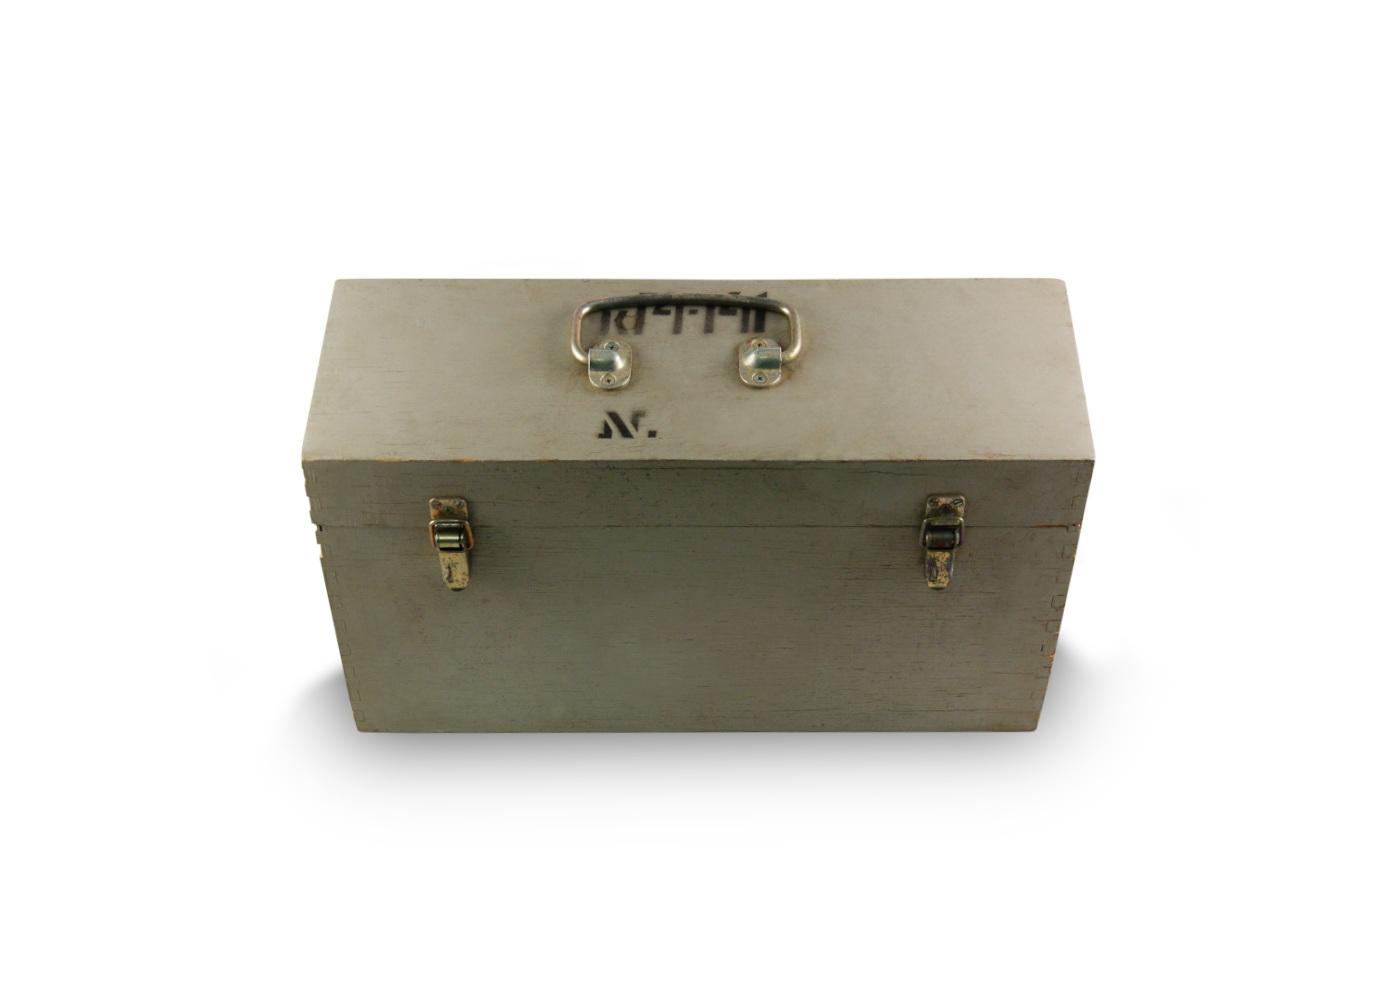 Упаковка для ЗИП генератора сигналов высокочастотного Г4-141